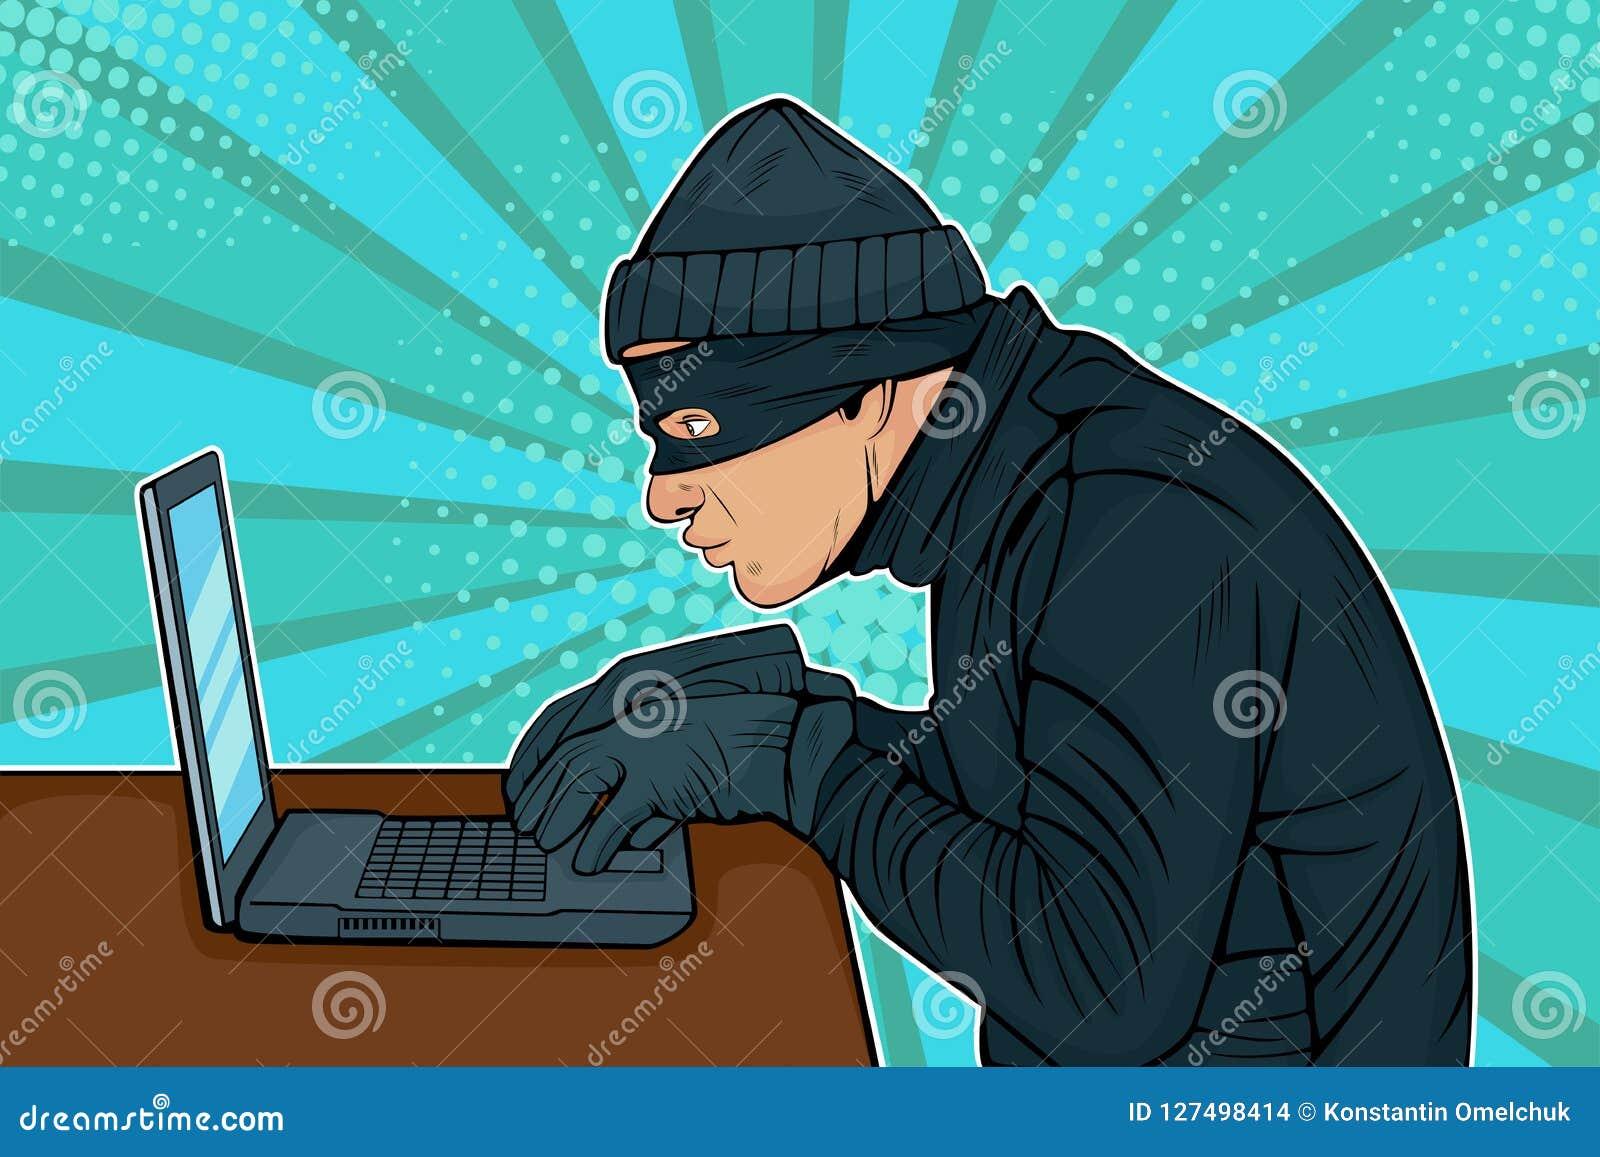 De dief van de pop-arthakker het binnendringen in een beveiligd computersysteem in een computer